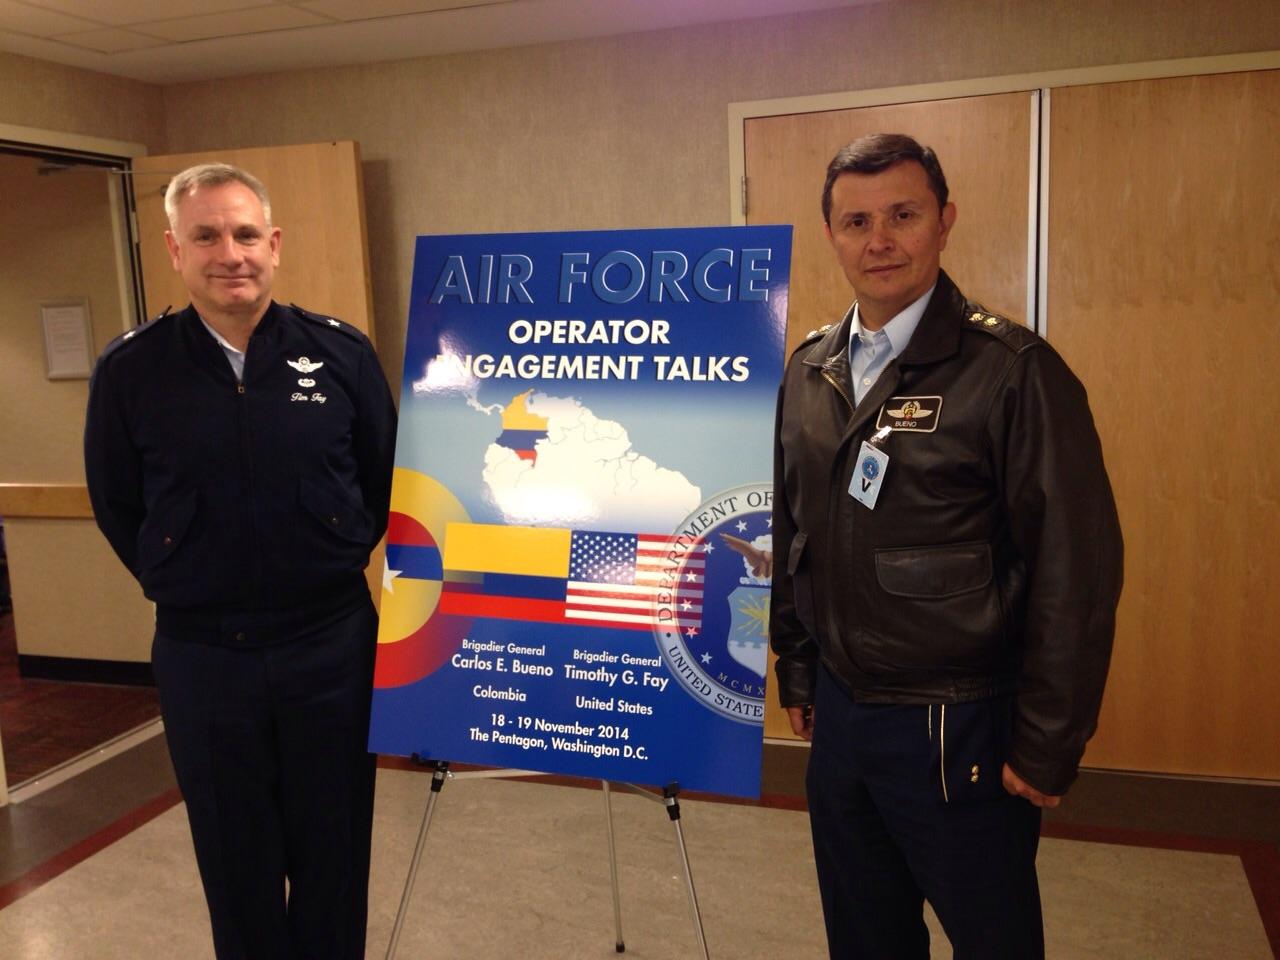 """Concluyó la reunión de """"Diálogos de Entendimiento Operacional"""" en Washington entre las fuerzas aéreas de Colombia y Estados Unidos, a la cual asistió una delegación de ocho integrantes de la Fuerza Aérea Colombiana, liderada por el Jefe de Operaciones Aéreas de la Institución."""